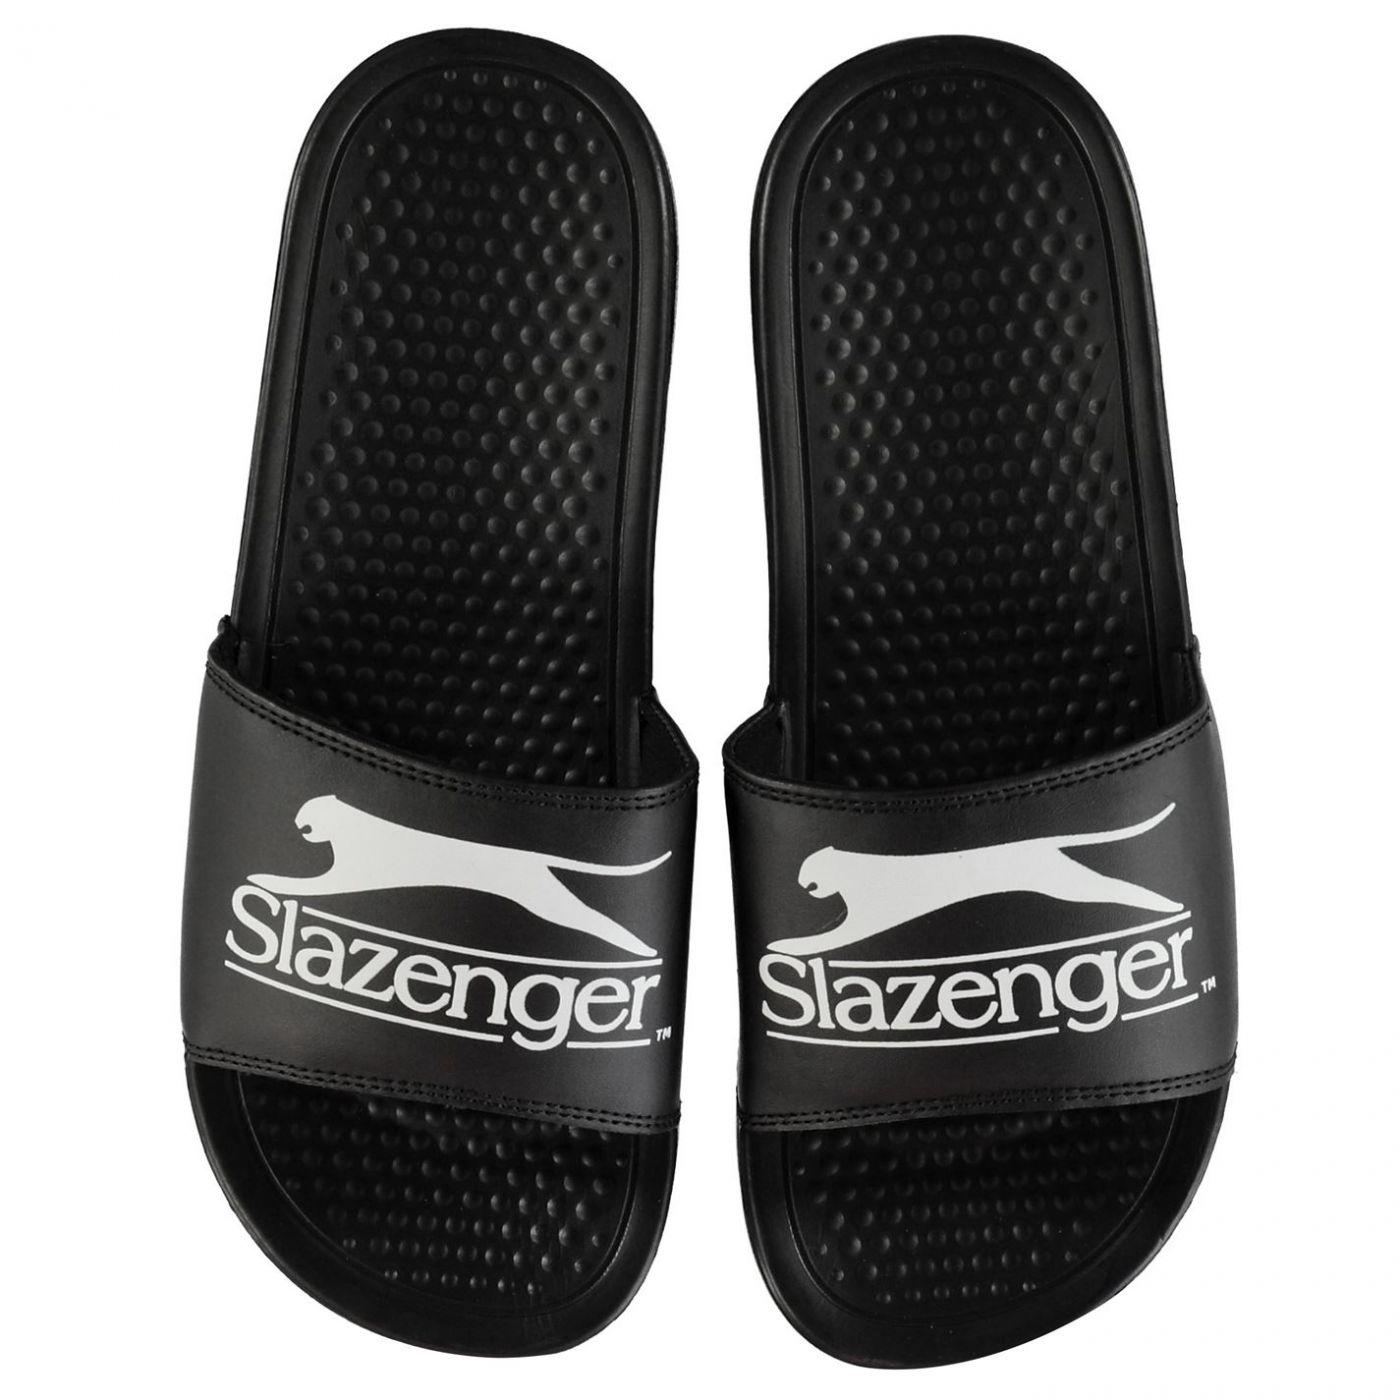 Slazenger Impose Mens Sliders